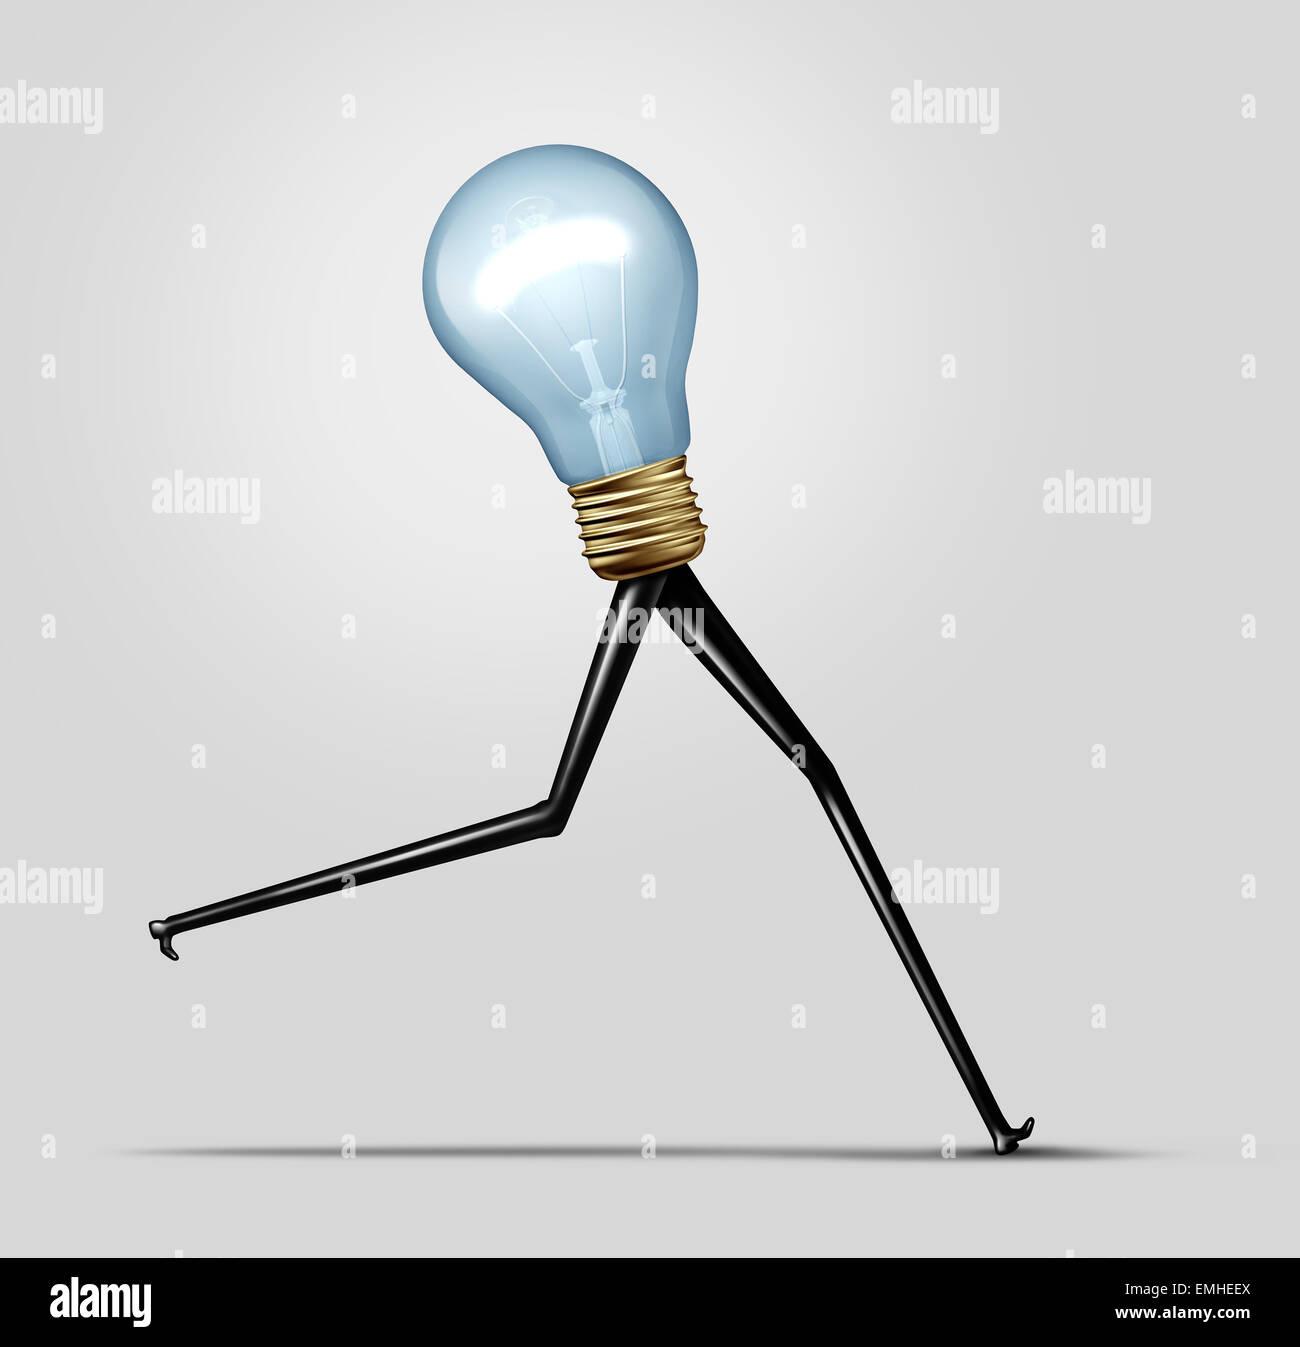 La energía creativa y pensar rápido el concepto empresarial como una brillante luz brillante bombilla Imagen De Stock